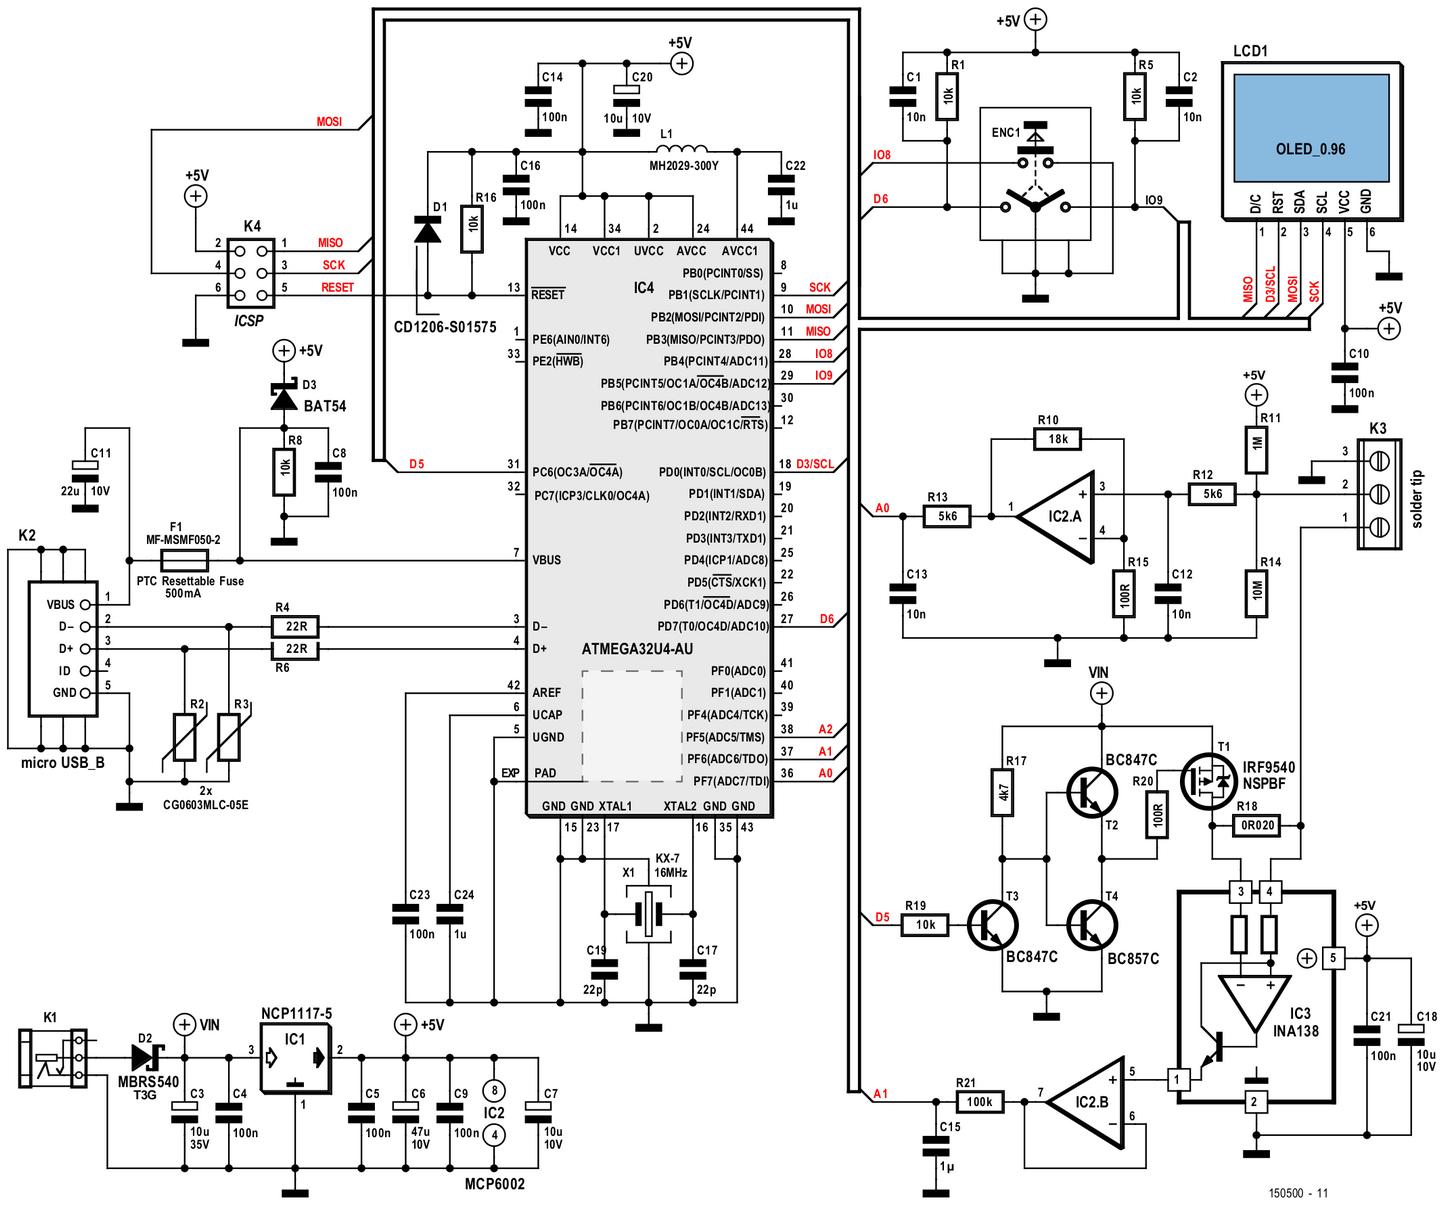 Figura 3: lo schema elettrico della stazione di saldatura unisce abilmente concetti di elettronica analogica e digitale per raggiungere gli obiettivi